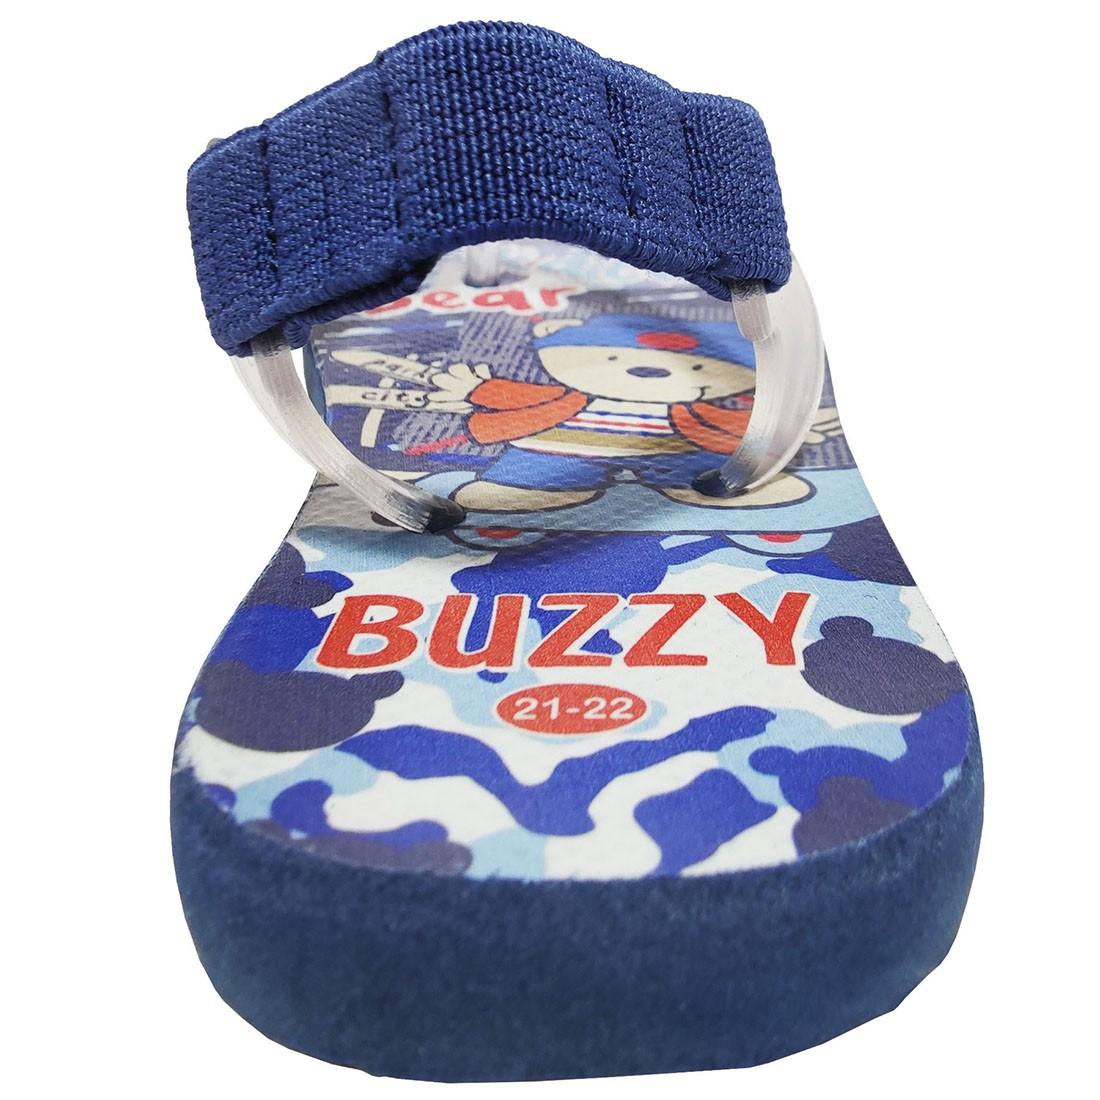 Chinelo Bebê Buzzy Sandália Infantil Skate Bebês Meninos BZ002